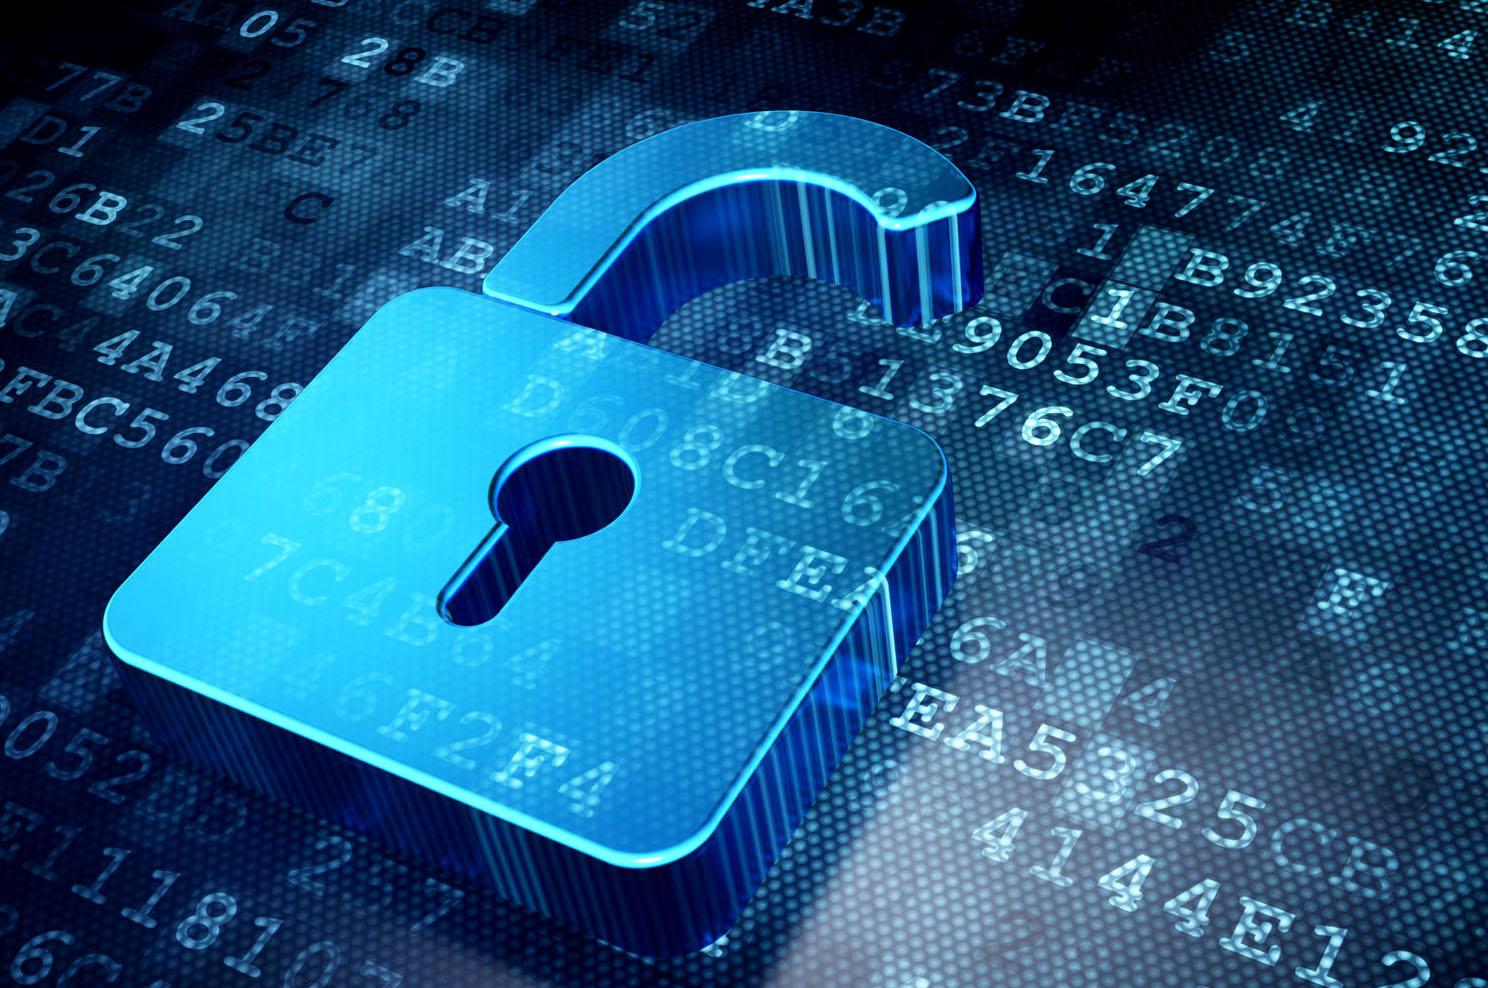 Warum und wie sollte man Identitäten schützen?